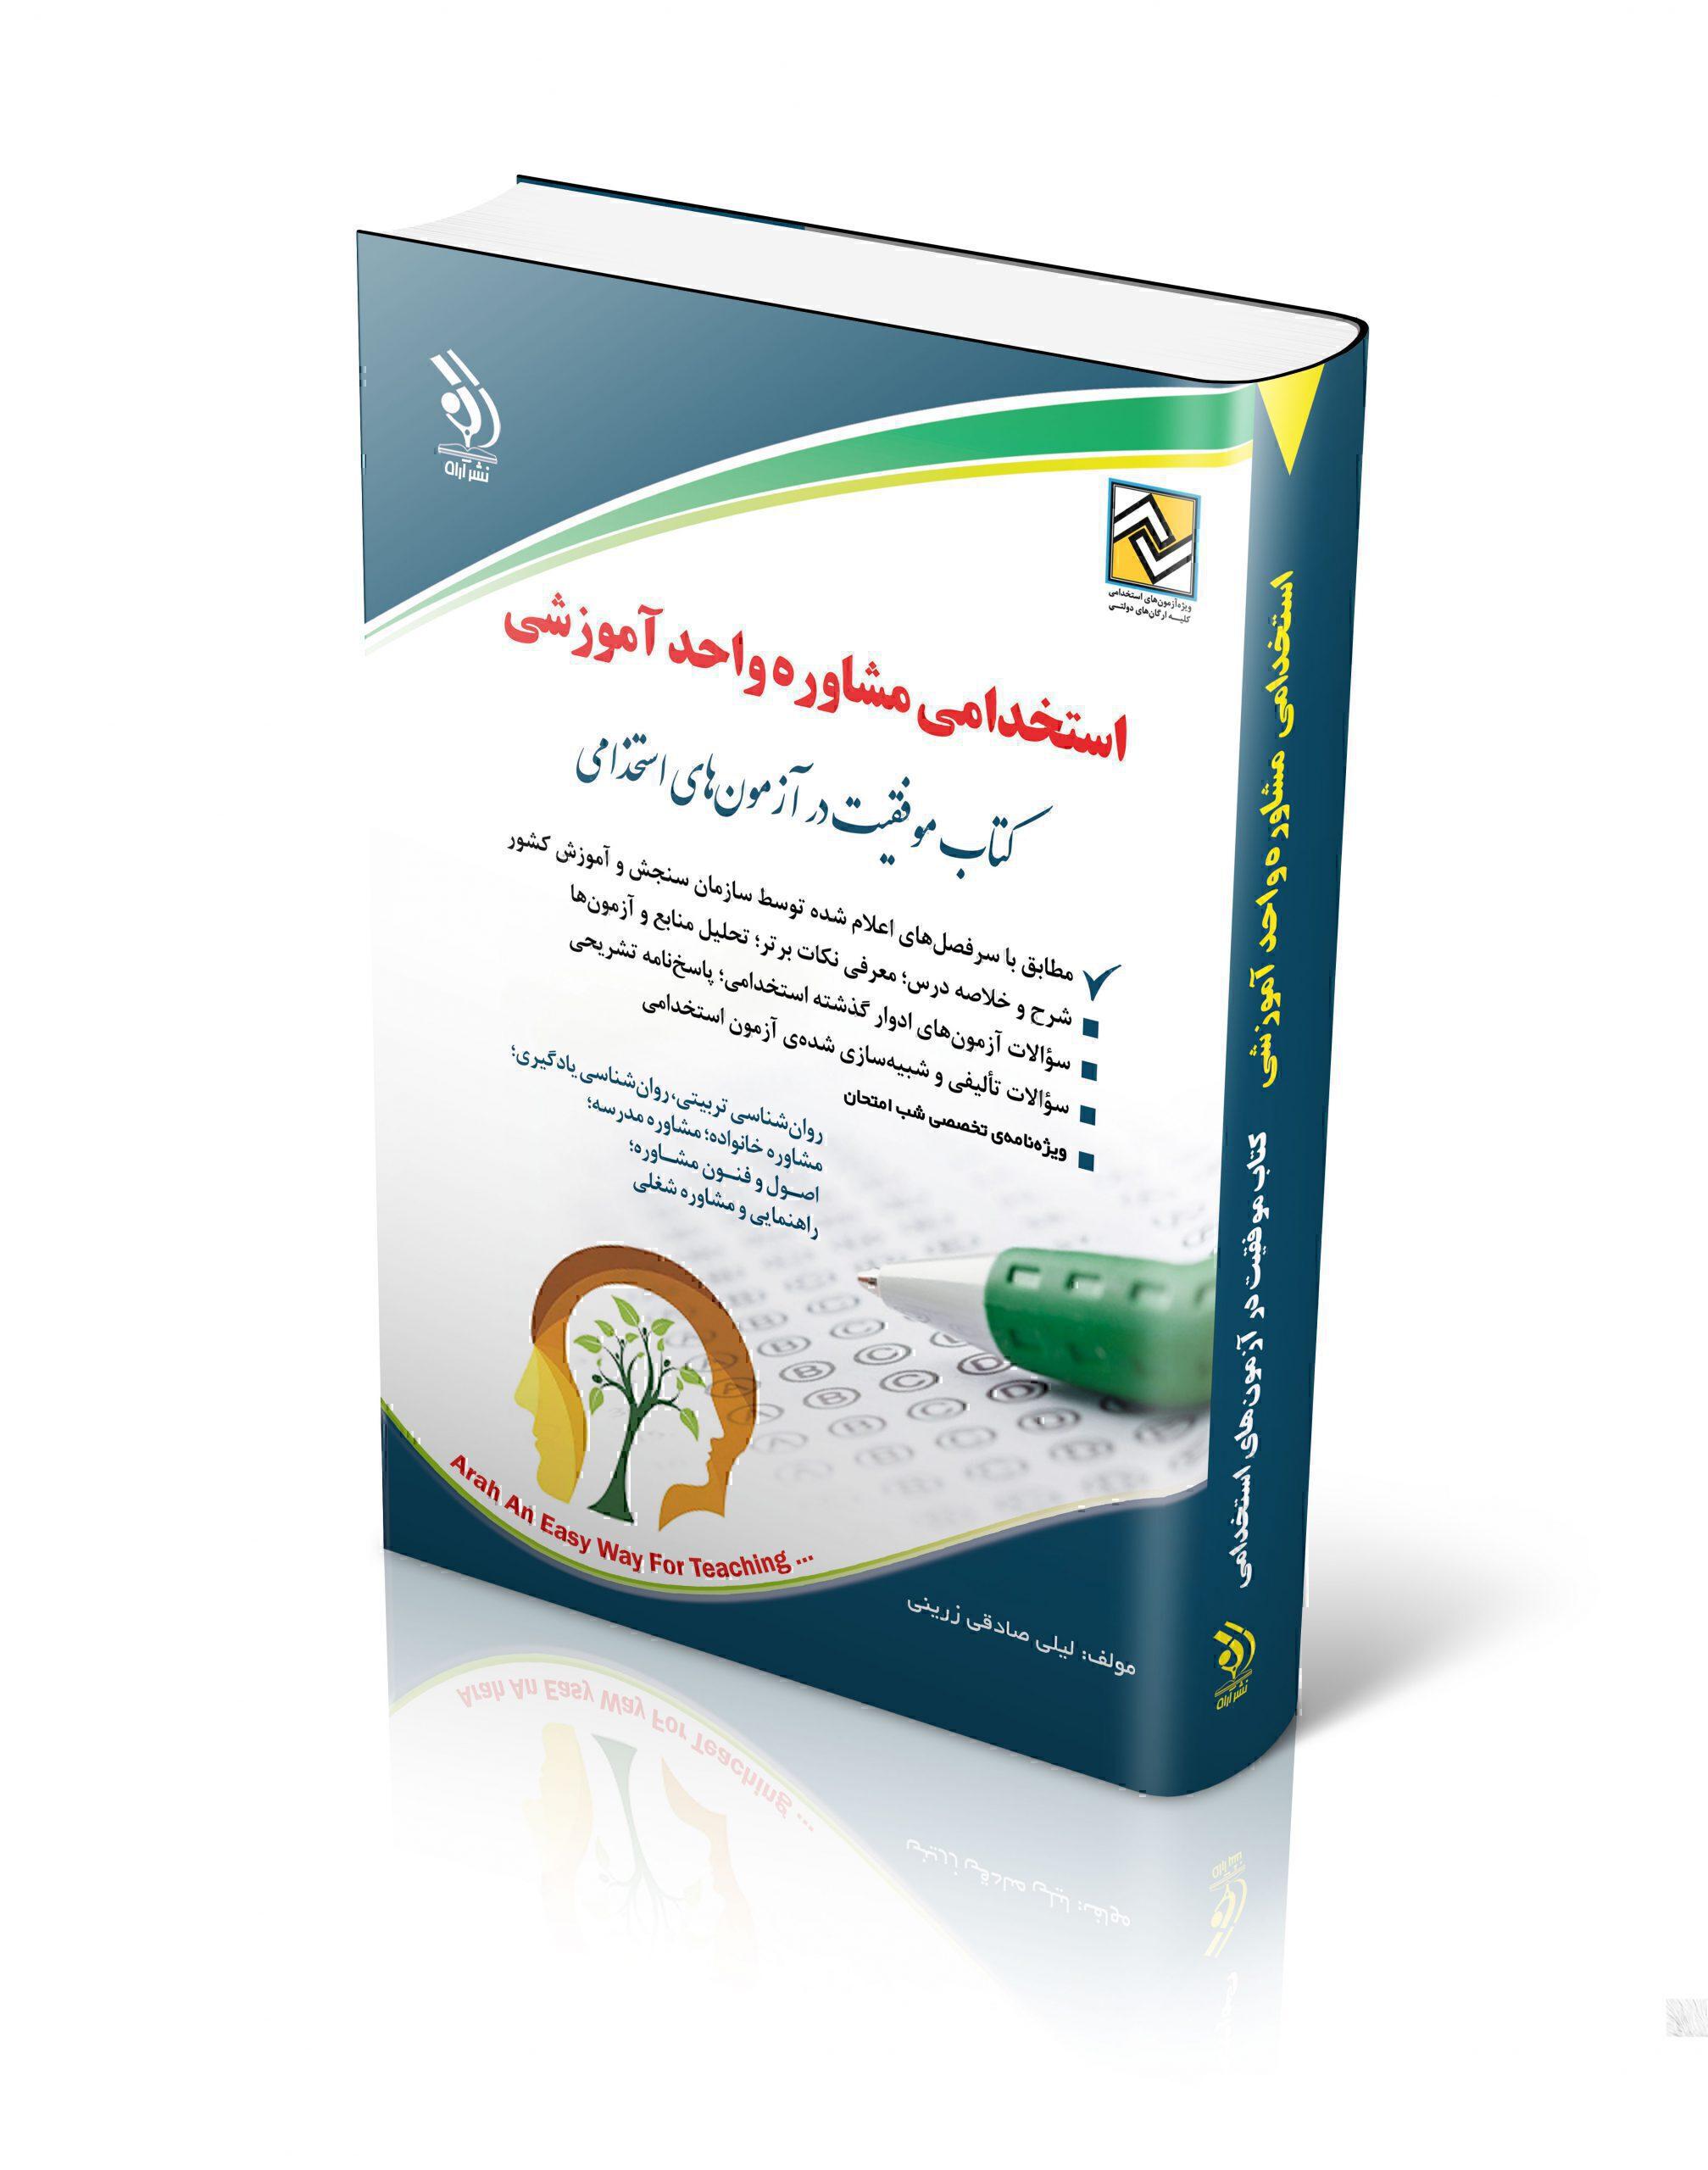 کتاب استخدامی مشاوره آموزشی